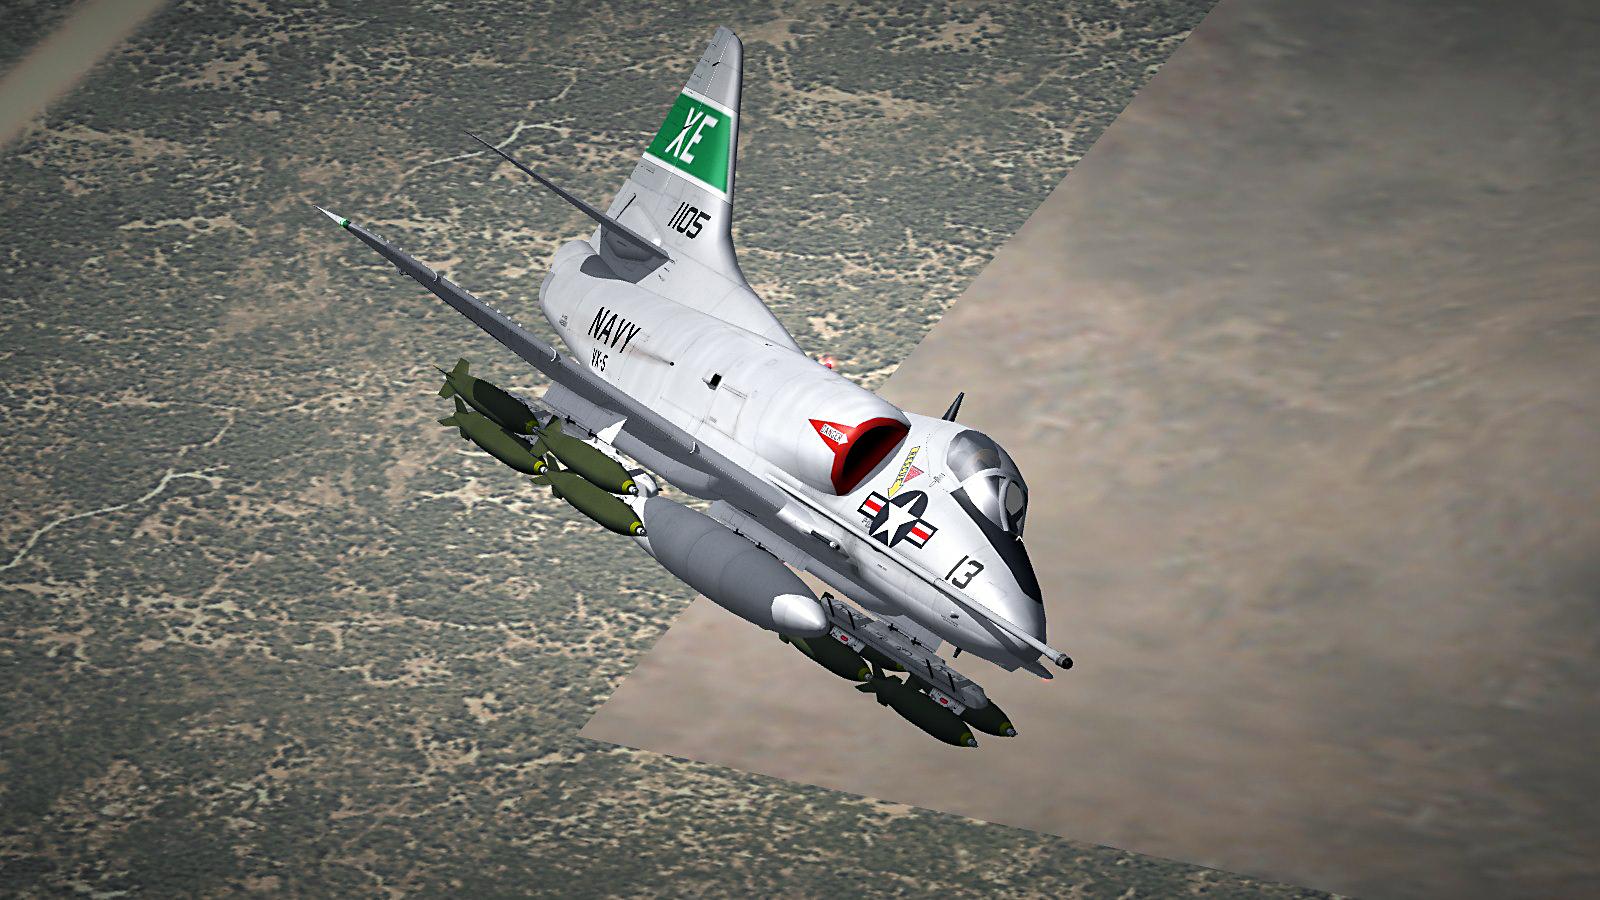 VX-5 A4D-2 (A-4B) Skyhawk